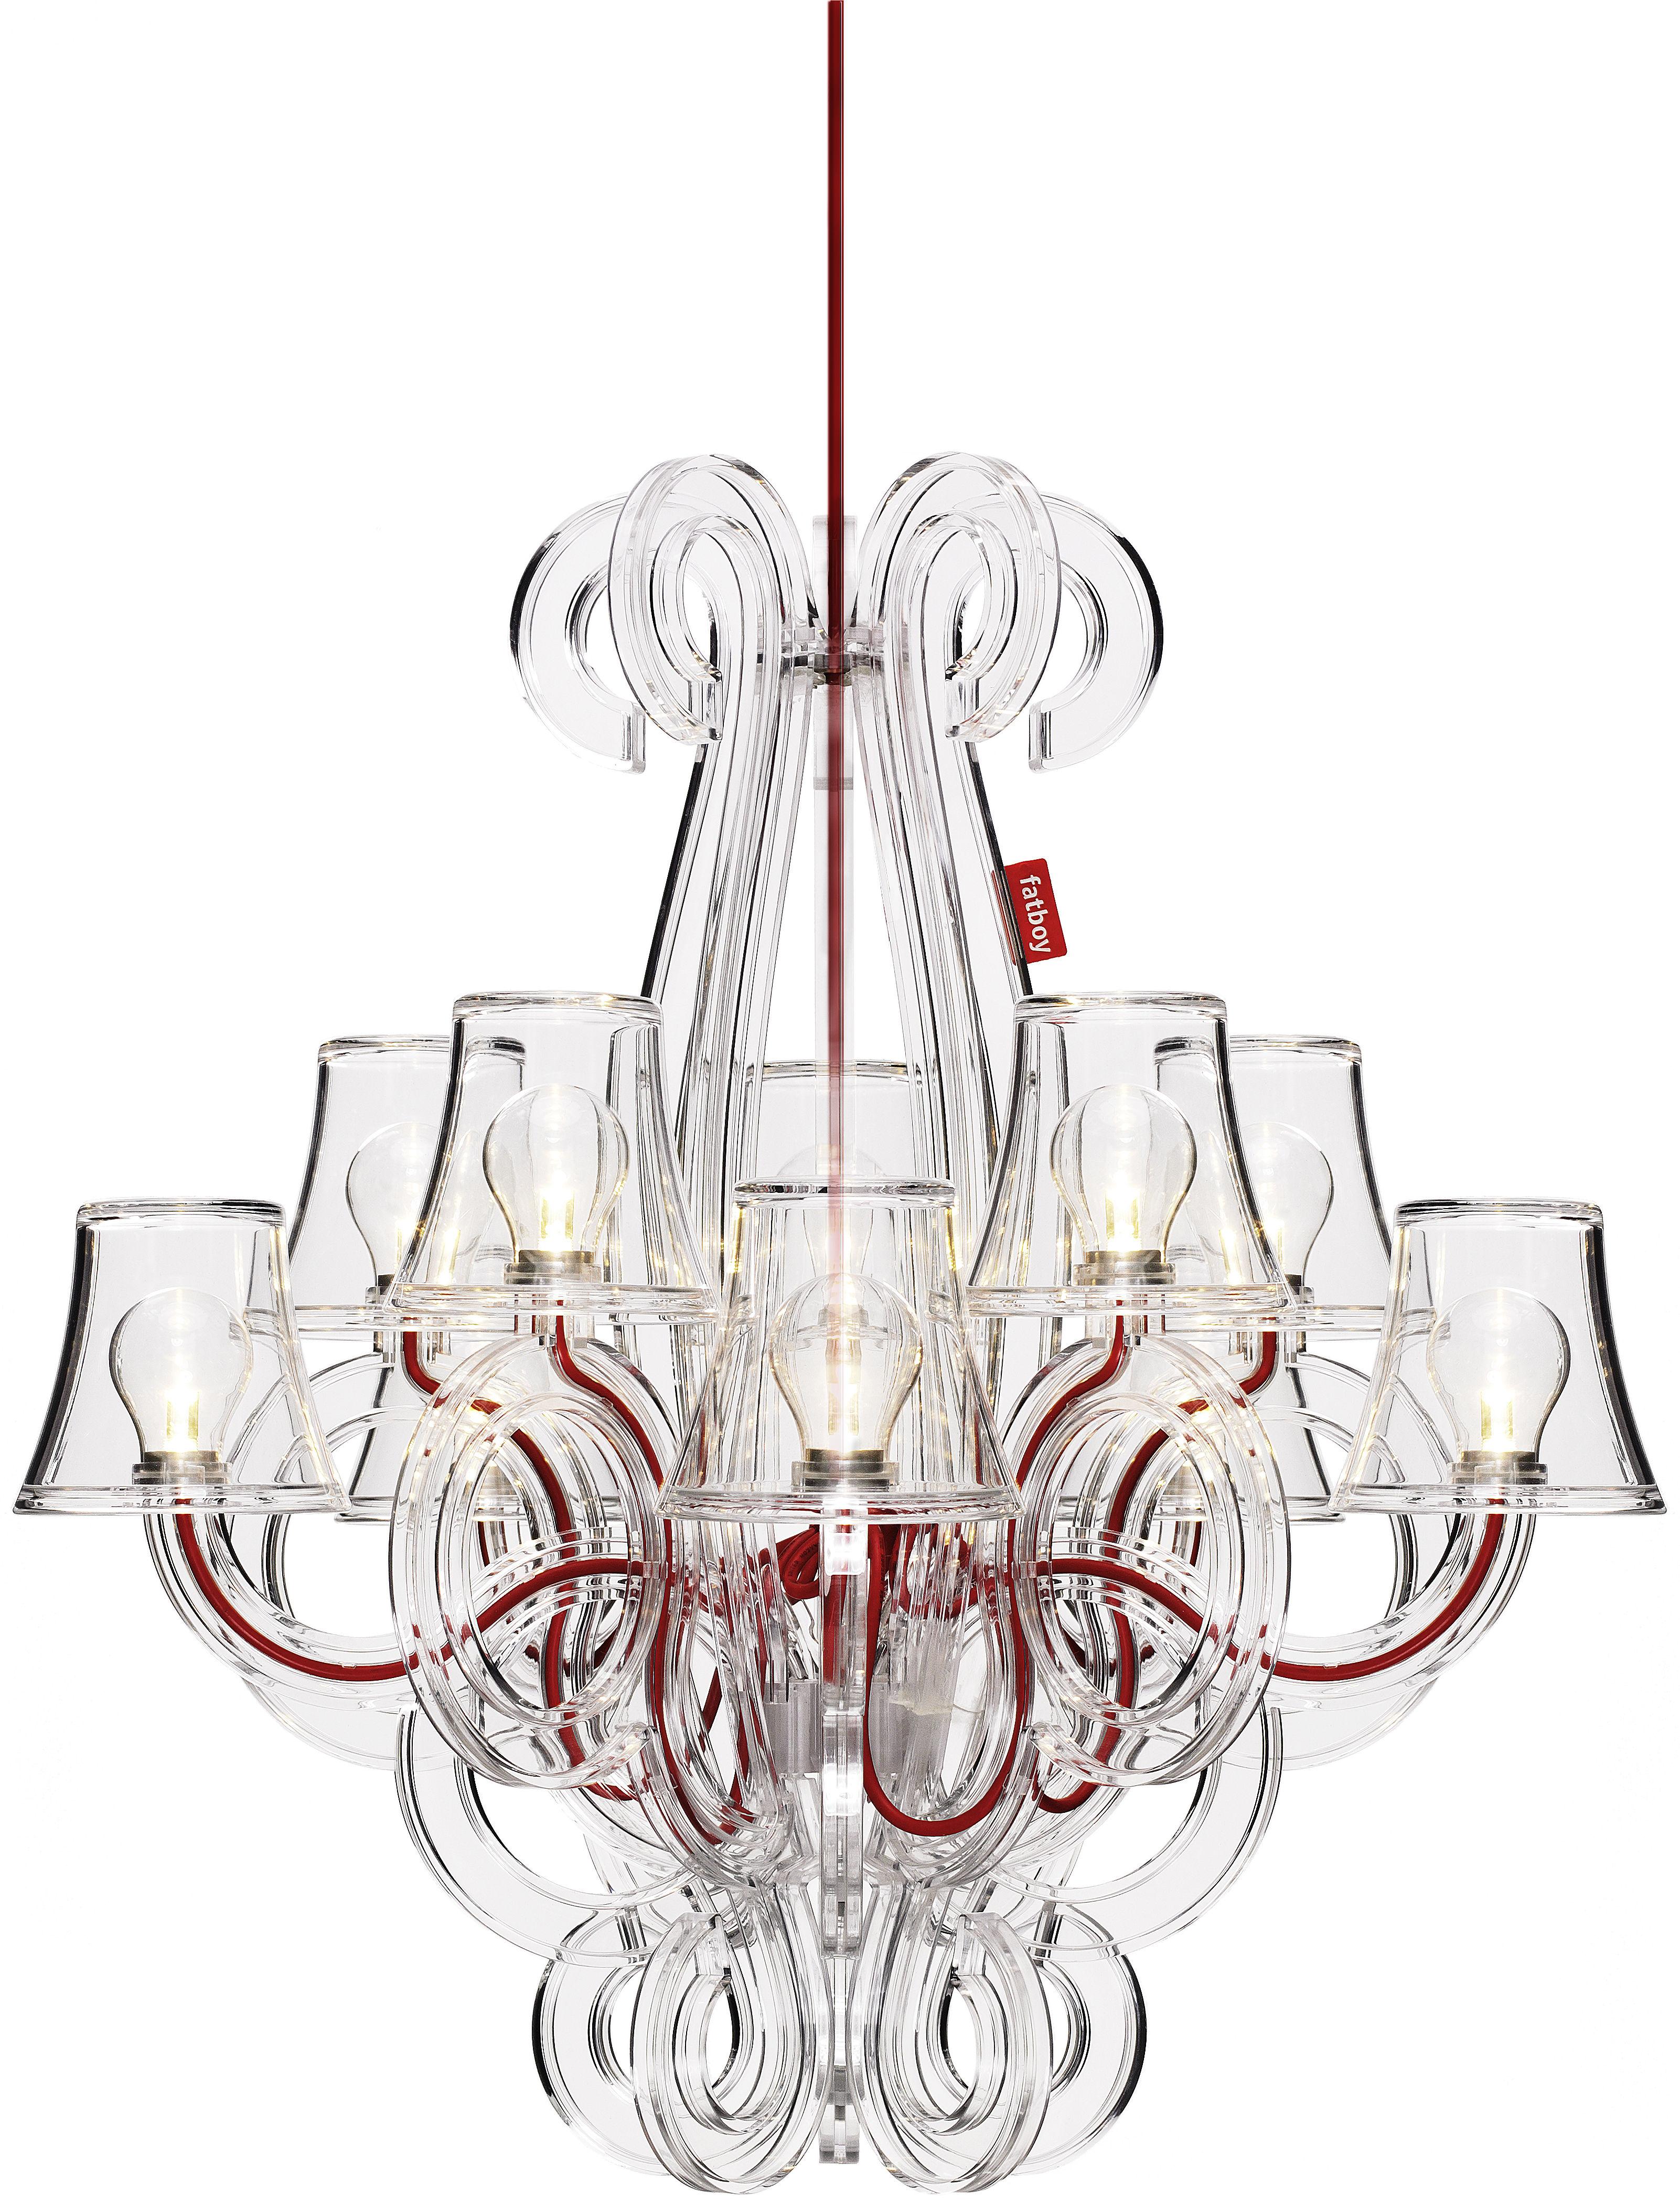 Luminaire - Suspensions - Suspension RockCoco / Ø 68 cm - 10 ampoules fournies - Fatboy - Transparent / Câble rouge - Polycarbonate